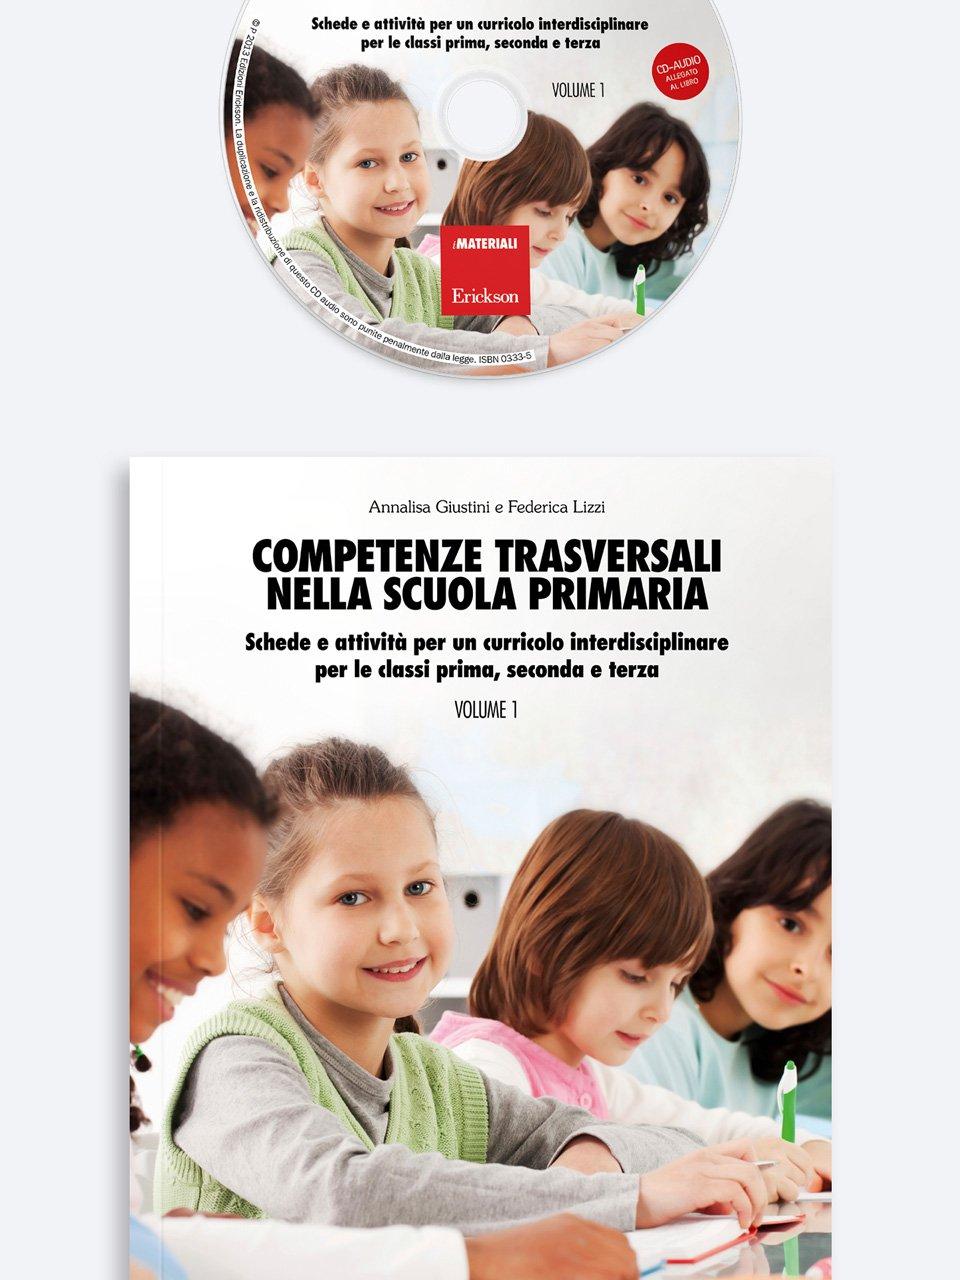 Competenze trasversali nella scuola primaria - Volume 1 - La competenza digitale nella scuola - Libri - Erickson